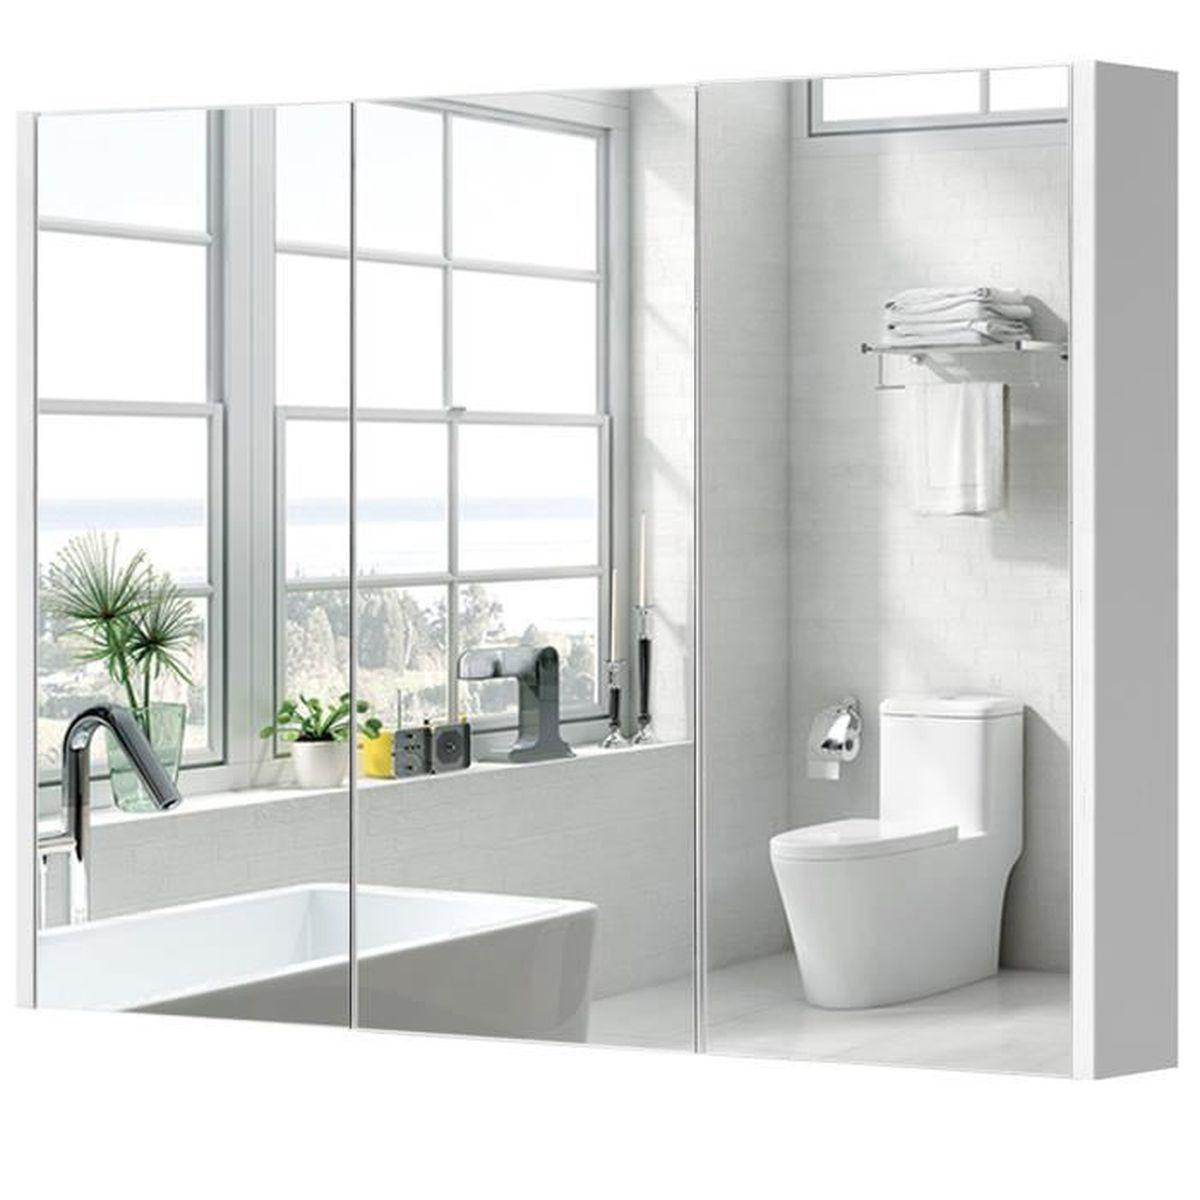 armoire de toilette salle de bain avec miroir achat. Black Bedroom Furniture Sets. Home Design Ideas